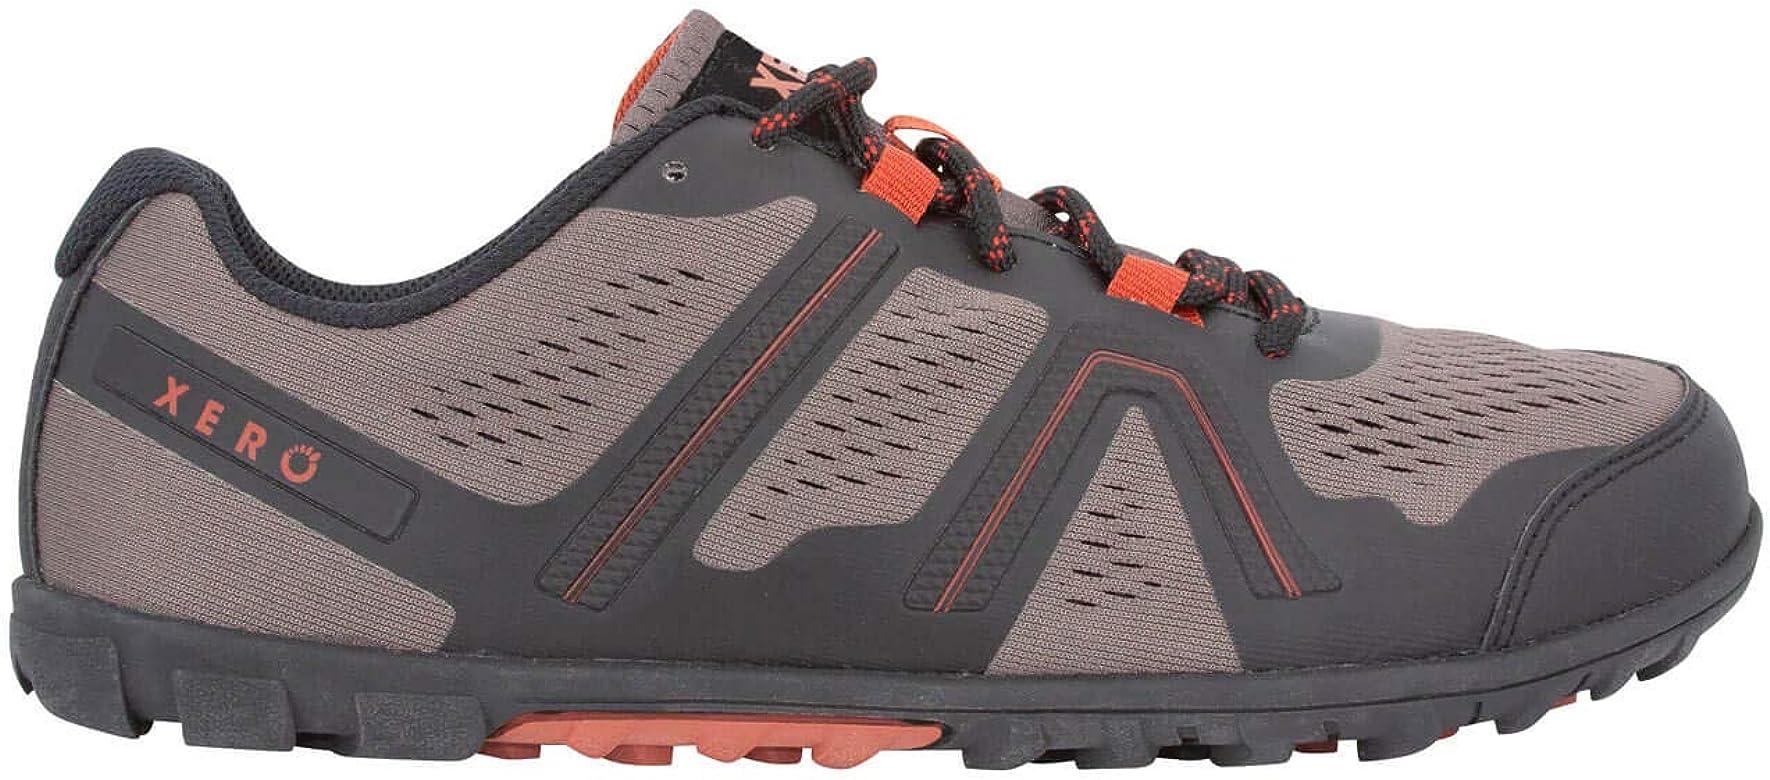 Xero Shoes Mesa Trail - Zapatillas de correr ligeras inspiradas en los pies descalzos, minimalistas para hombre, Marrón (Arcilla oxidada.), 40 EU: Amazon.es: Zapatos y complementos